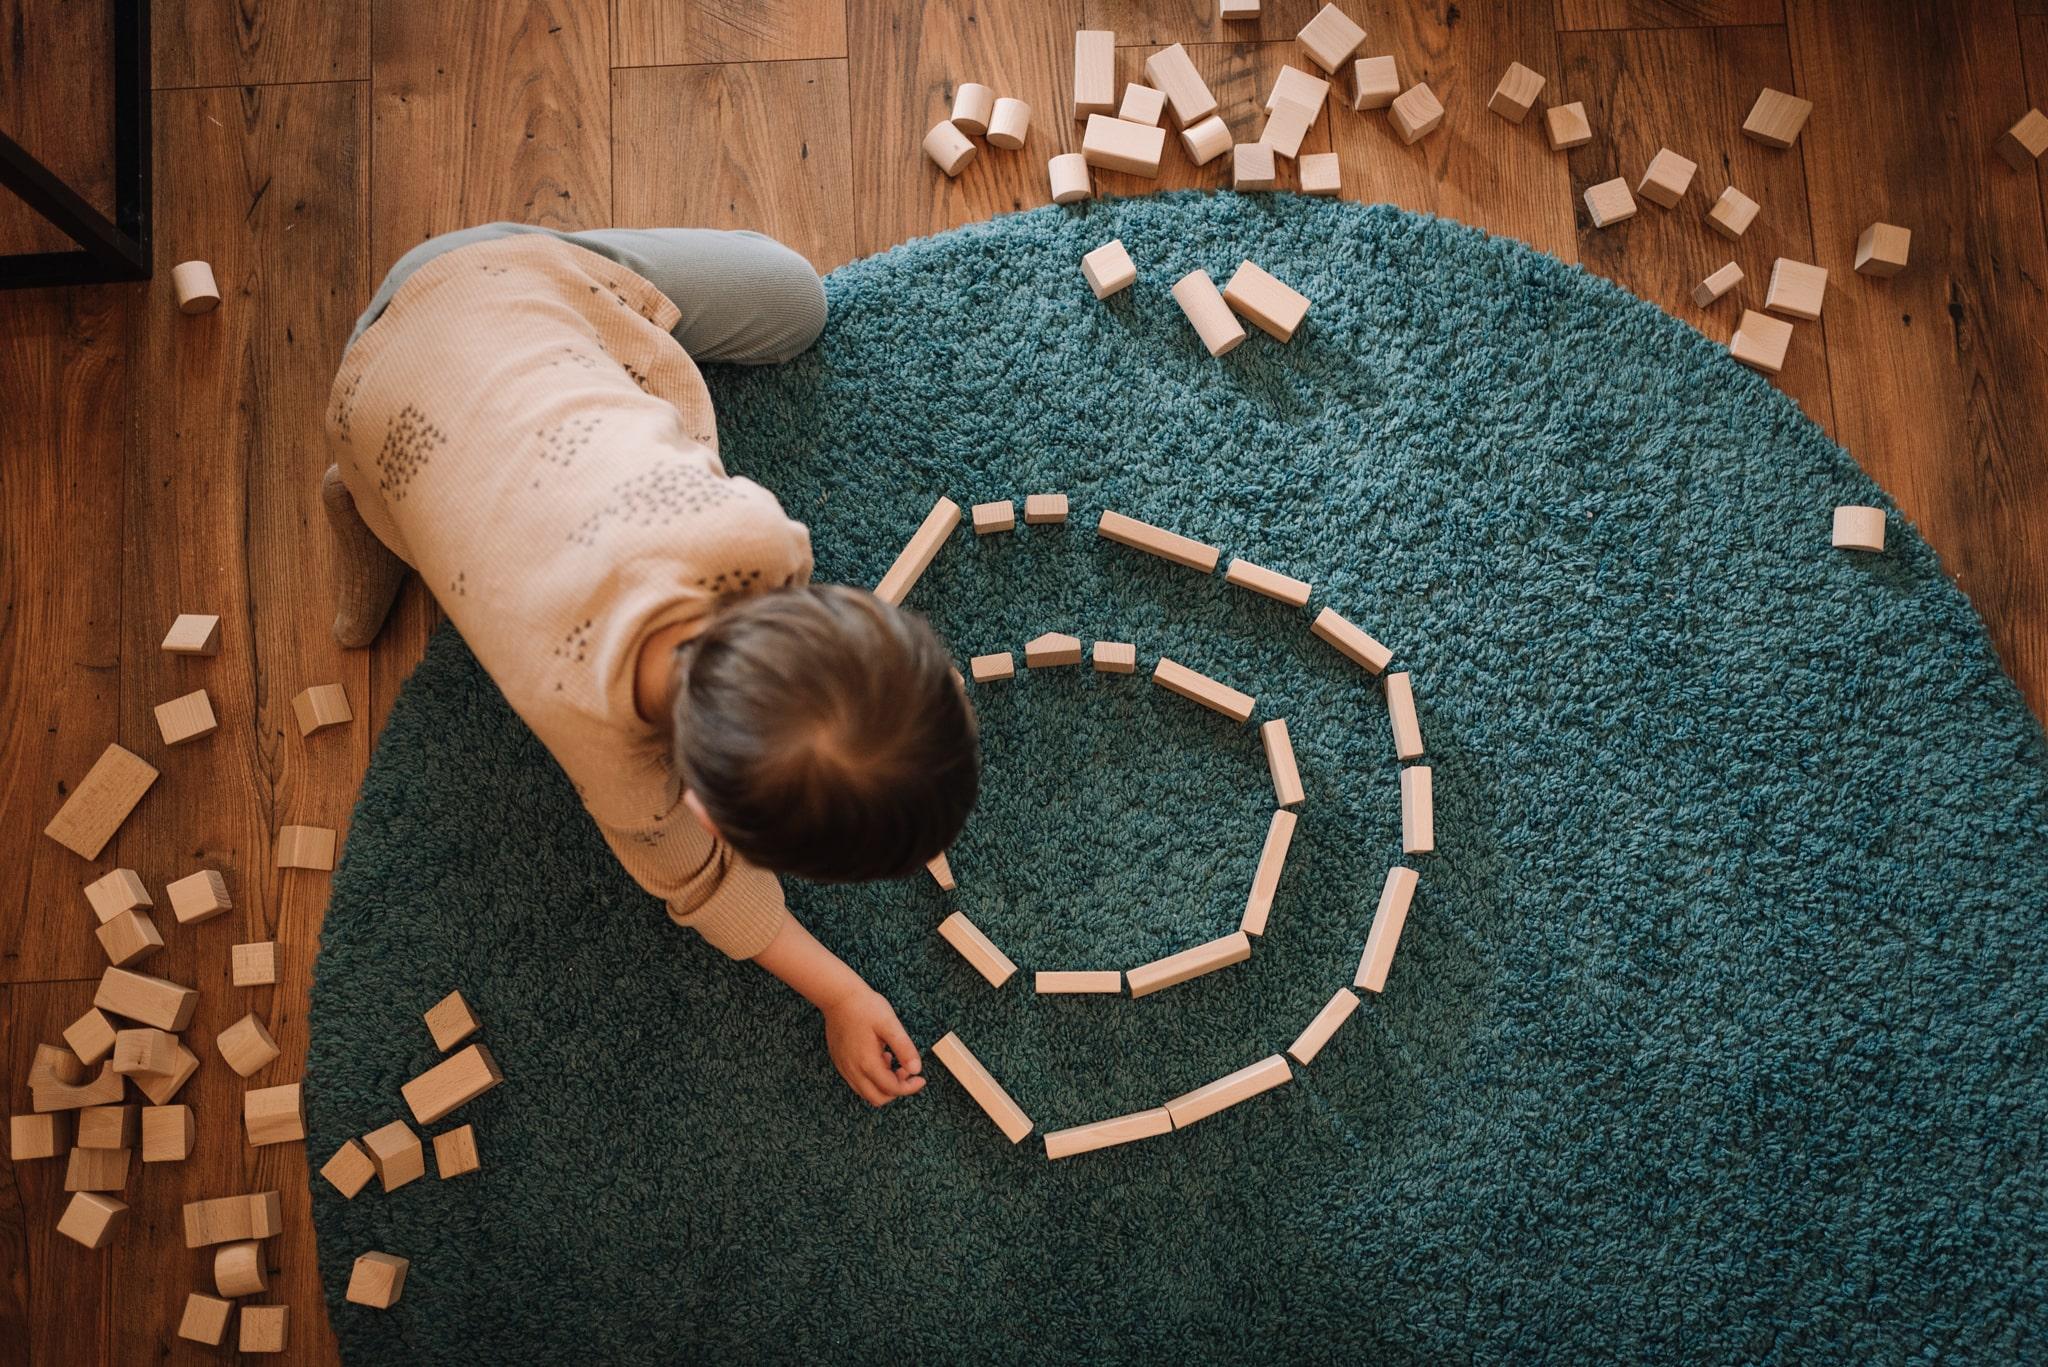 chłopiec się bawi klockami drewnianymi